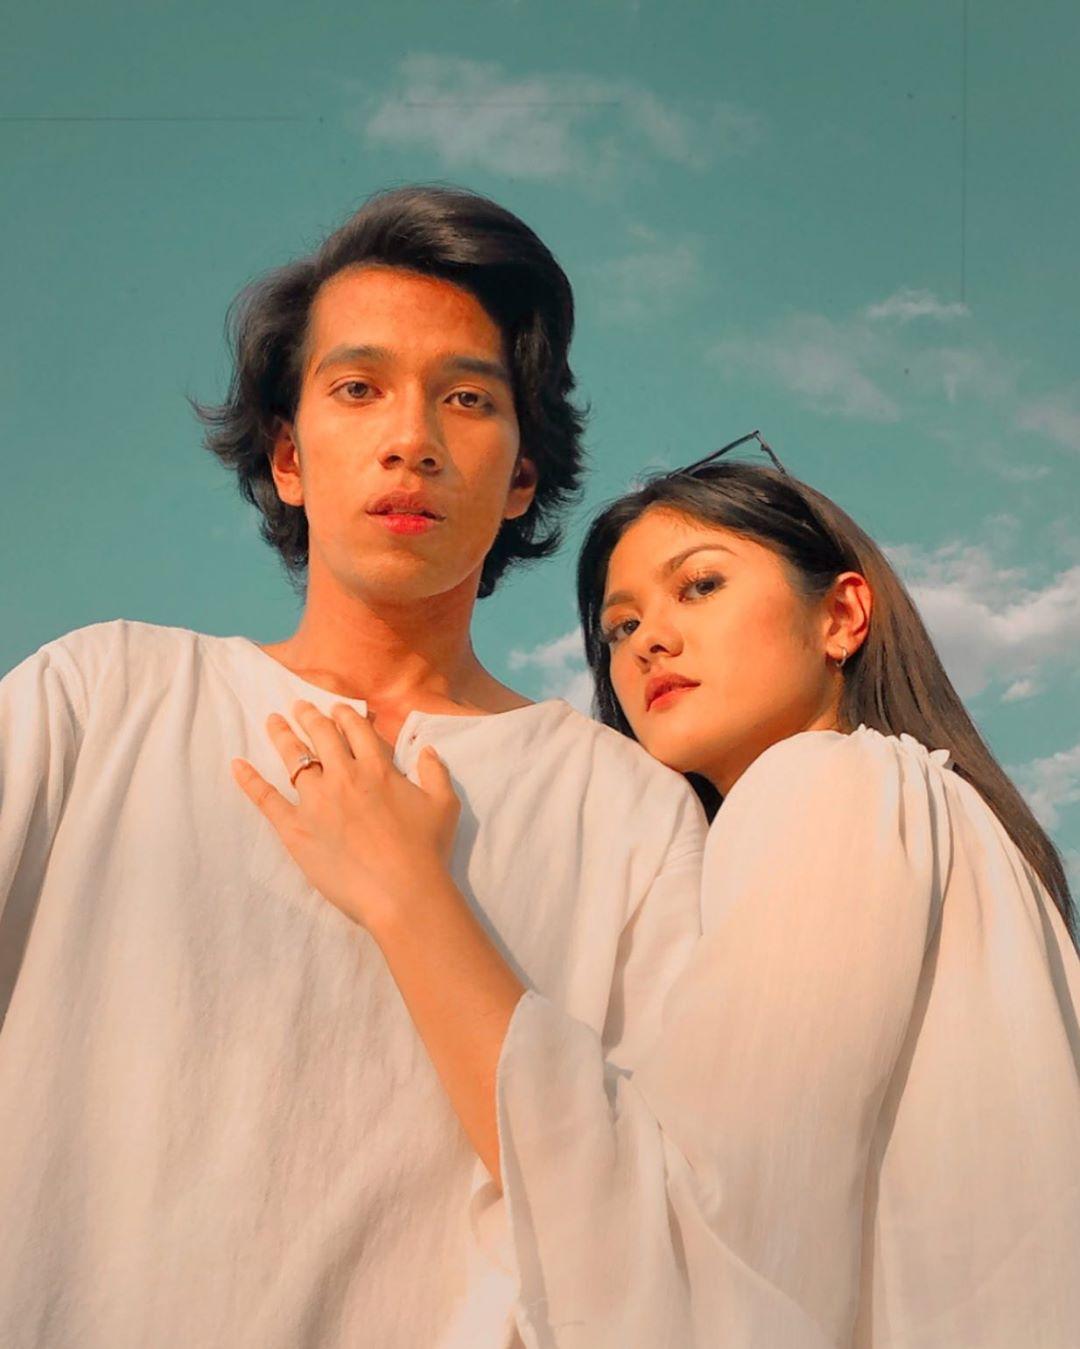 Naim Daniel dan Shasha Abedul